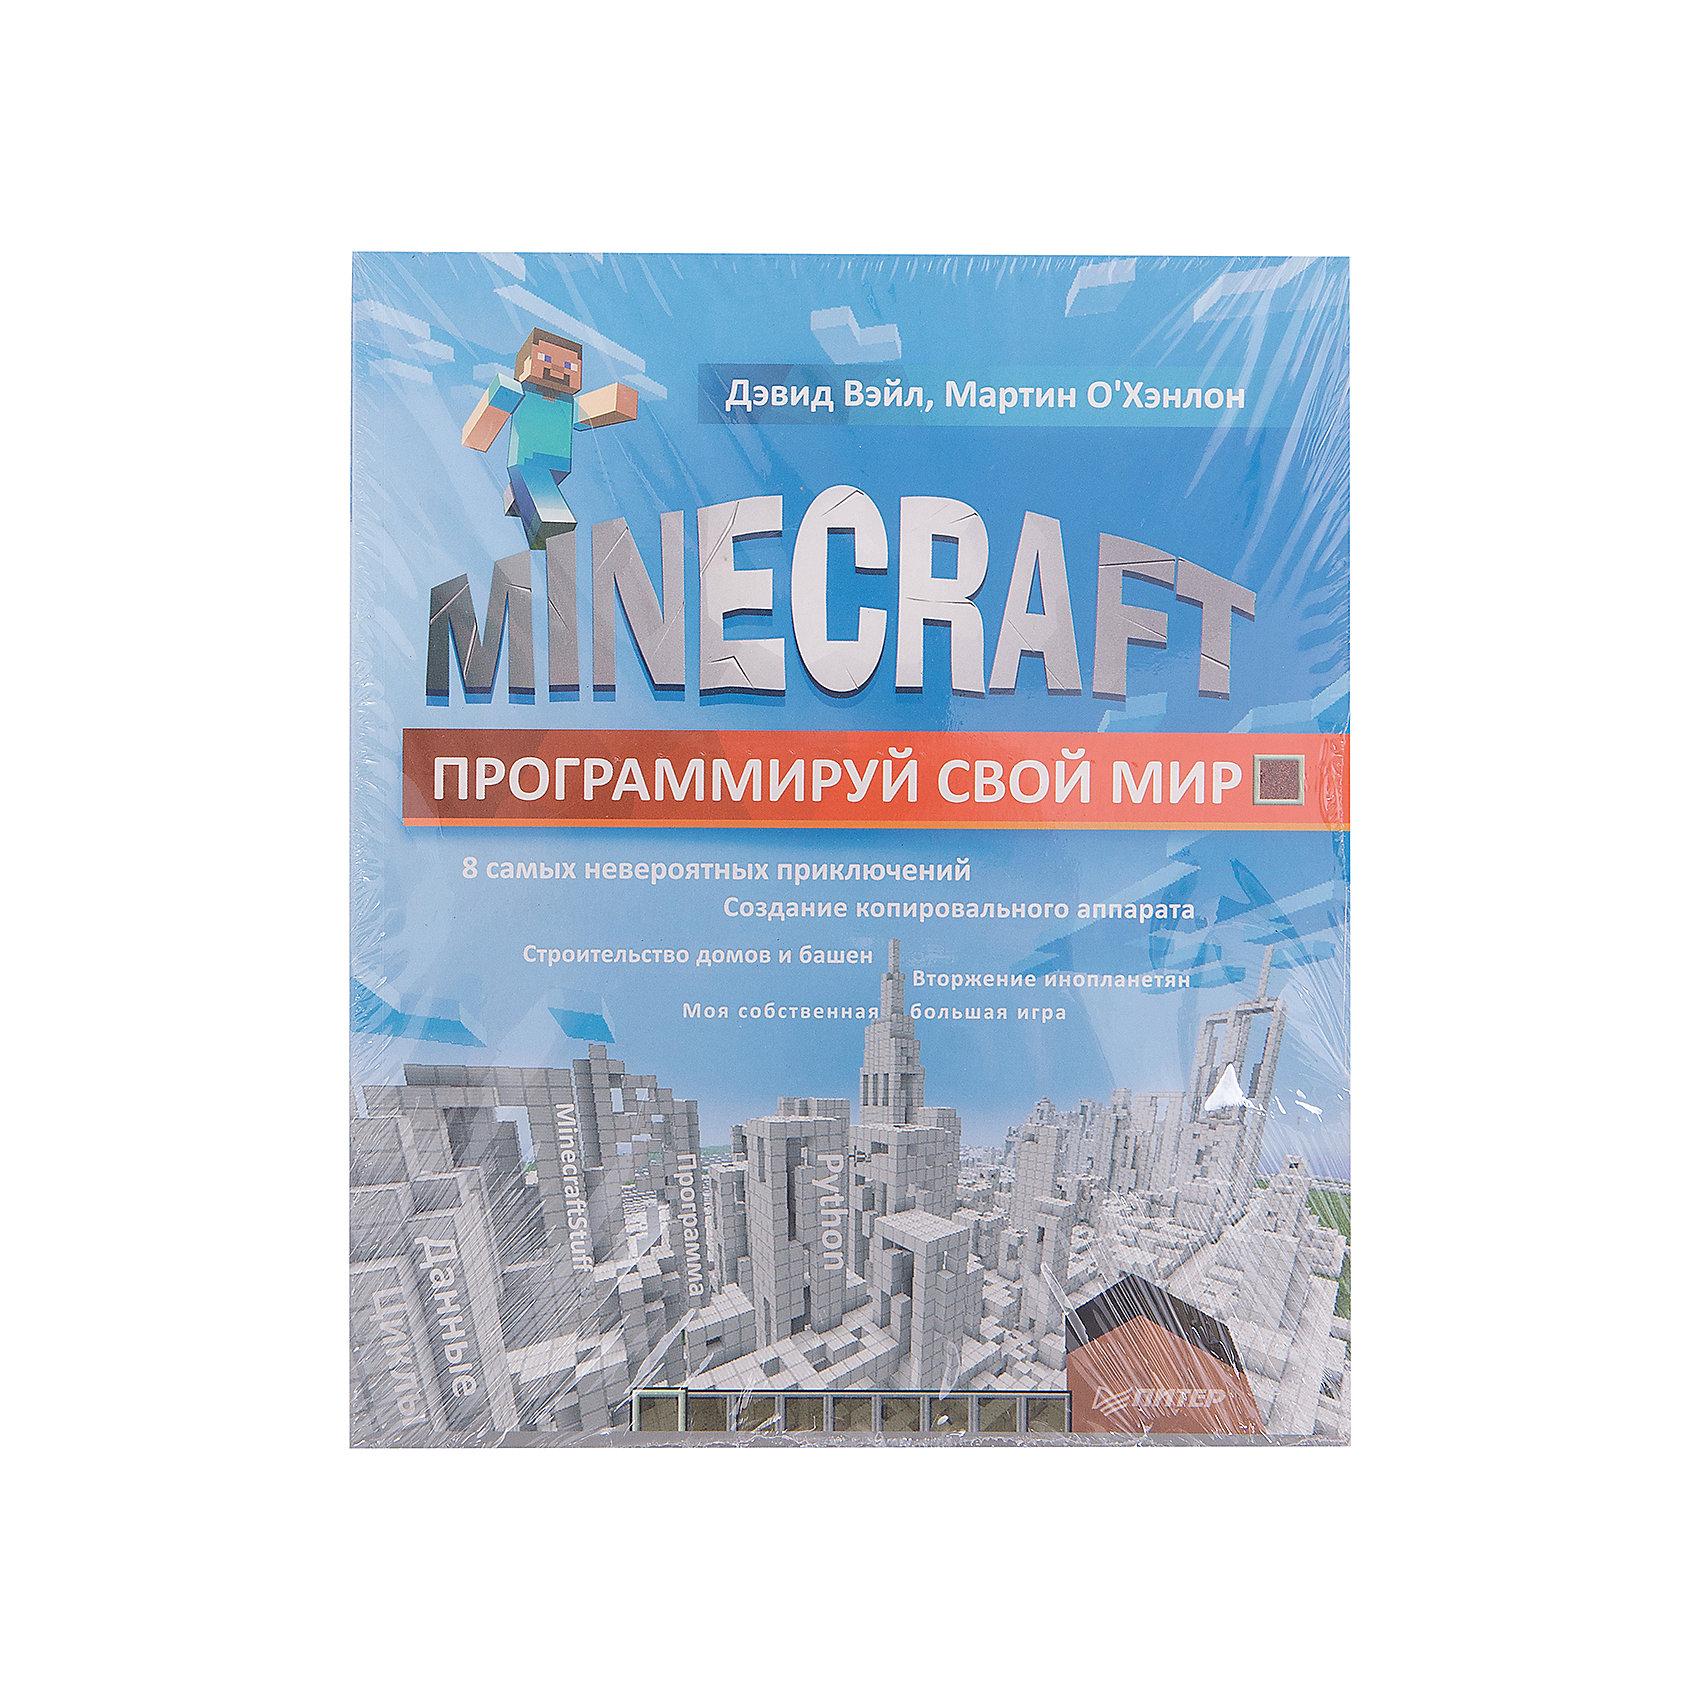 Minecraft: Прграммируй свой мирОбучающие книги<br>Характеристики книги Minecraft. Прграммируй свой мир:<br><br>• комплектация: книга<br>• цвет: белый<br>• состав: бумага 100%<br>• габариты предмета: 195х252х12 см<br>• возраст: от 12 лет<br>• жанры литературы: интернет и технологии.<br>• сезон: круглогодичный<br>• страна бренда: Россия<br>• страна производитель: Россия<br><br>В ваших руках не просто книга, а счастливый билет в удивительный мир Minecraft и программирования. Возможности творчества в компьютерном мире безграничны. Эта книга специально написана для тех, кто не только любит играть, но и хочет создавать что-то новое. Вы с легкостью освоите программирование, просто играя в Minecraft. В этом вам помогут простые пошаговые инструкции, позволяющие не только написать программу на Python, но и построить дом, фантастическое сооружение или даже 3D-копировальную машину. <br><br>Вы сможете создавать собственные интерактивные игры, заниматься поиском сокровищ и даже возводить невероятные гигантские 2D- и 3D-объекты (сферы и пирамиды). Все в ваших силах — постройте работающие огромные Minecraft-часы, спланируйте нападение инопланетян и даже сражение. Навыки программирования, полученные в этой книге, позволят вам раскрыть невероятные возможности Minecraft, недоступные вашим друзьям и знакомым.<br><br>Книгу Minecraft. Прграммируй свой мир издательства Питер  можно купить в нашем интернет-магазине.<br><br>Ширина мм: 252<br>Глубина мм: 195<br>Высота мм: 120<br>Вес г: 426<br>Возраст от месяцев: 144<br>Возраст до месяцев: 2147483647<br>Пол: Унисекс<br>Возраст: Детский<br>SKU: 5480490